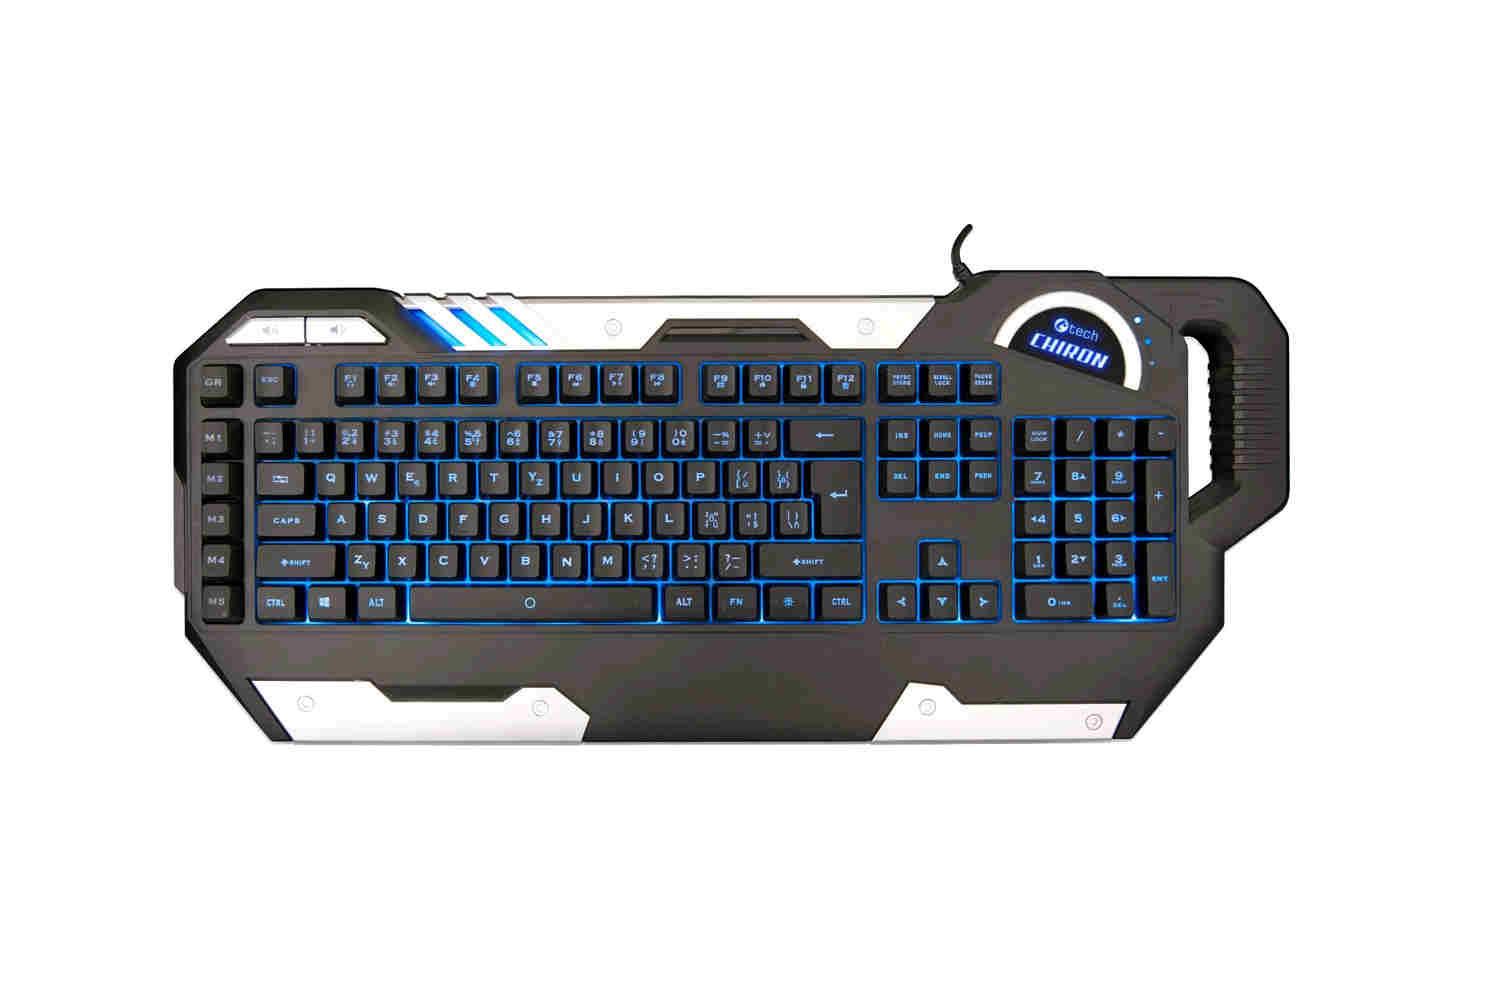 C-TECH herní klávesnice Chiron (GKB-109), CZ/SK, 7 barev podsvícení, programovatelná, černo-stříbrná, USB